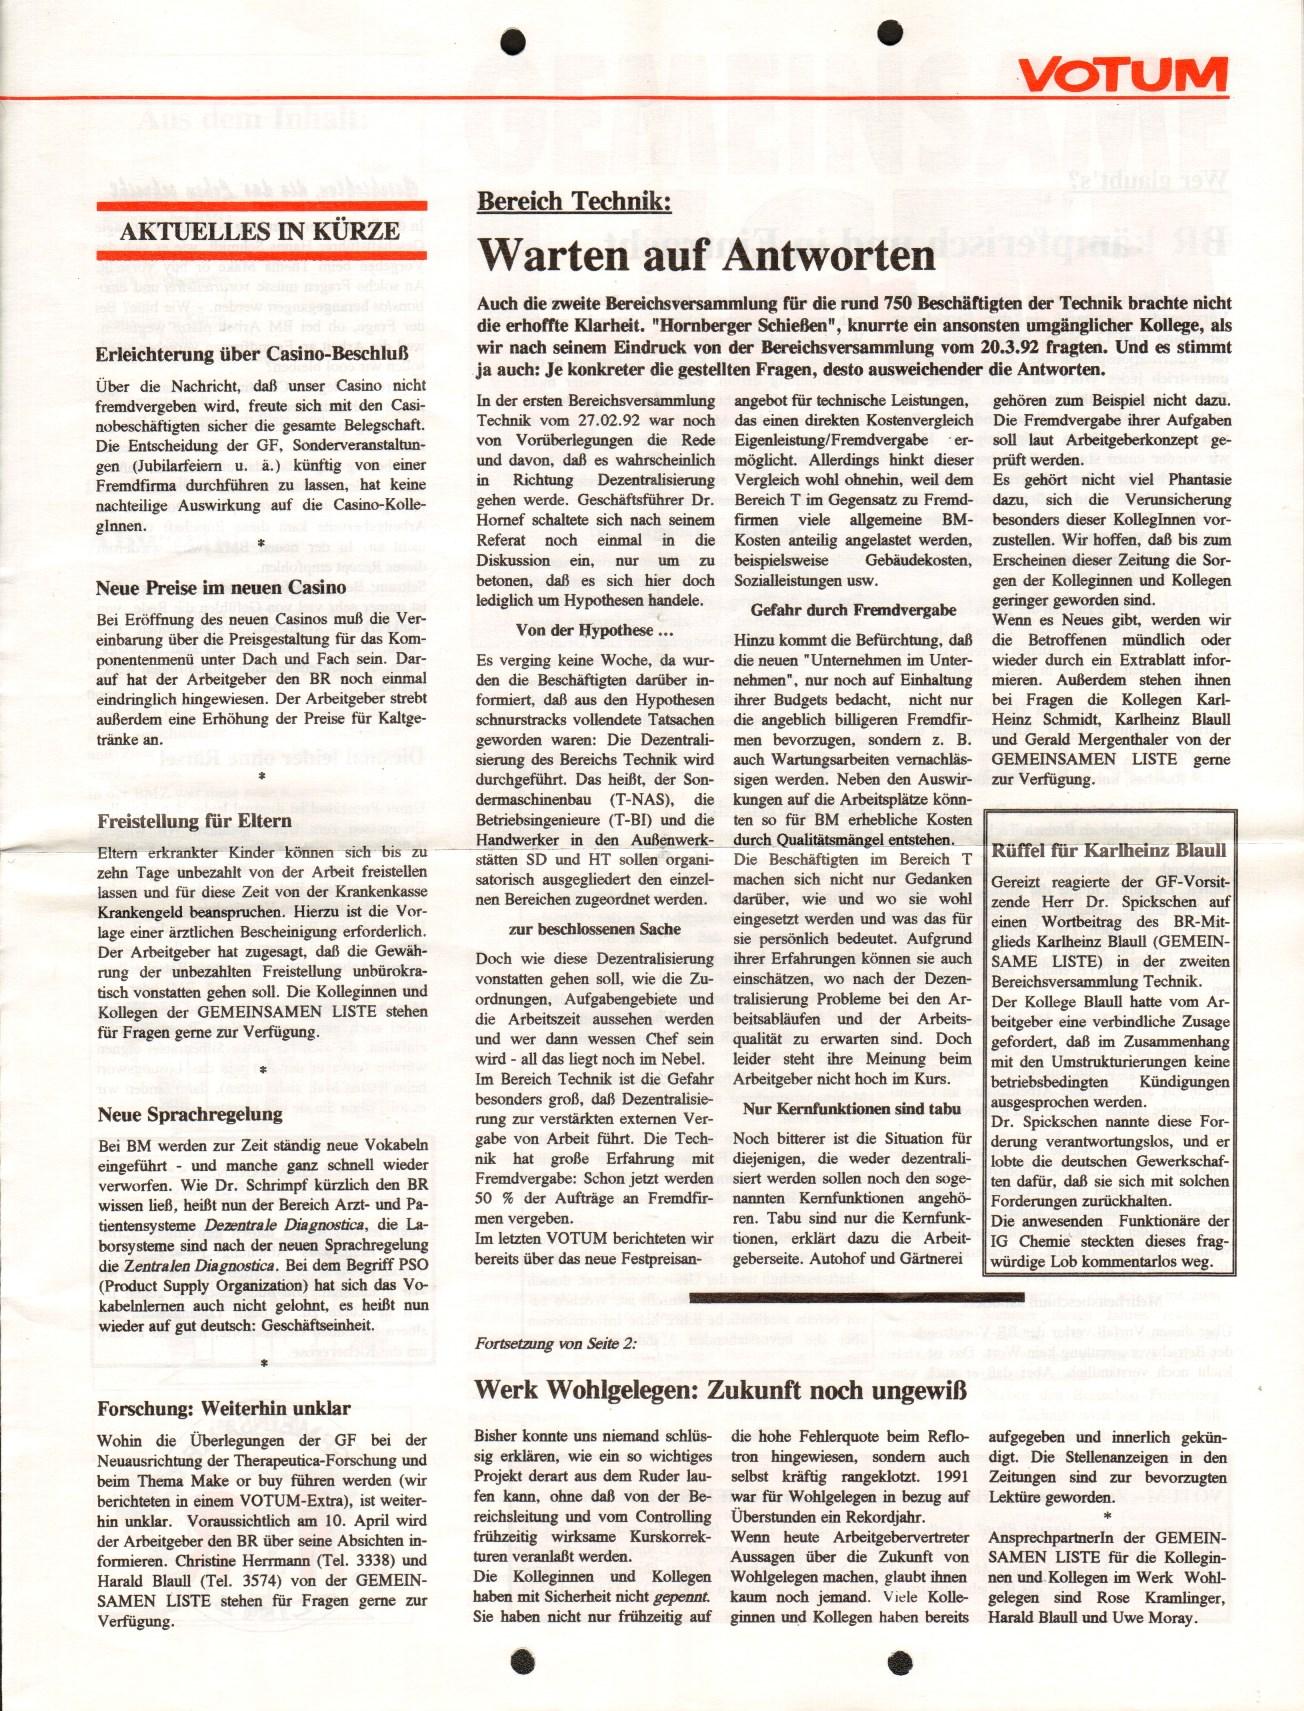 Mannheim_Boehringer_Gemeinsame_Liste_1992_02_03